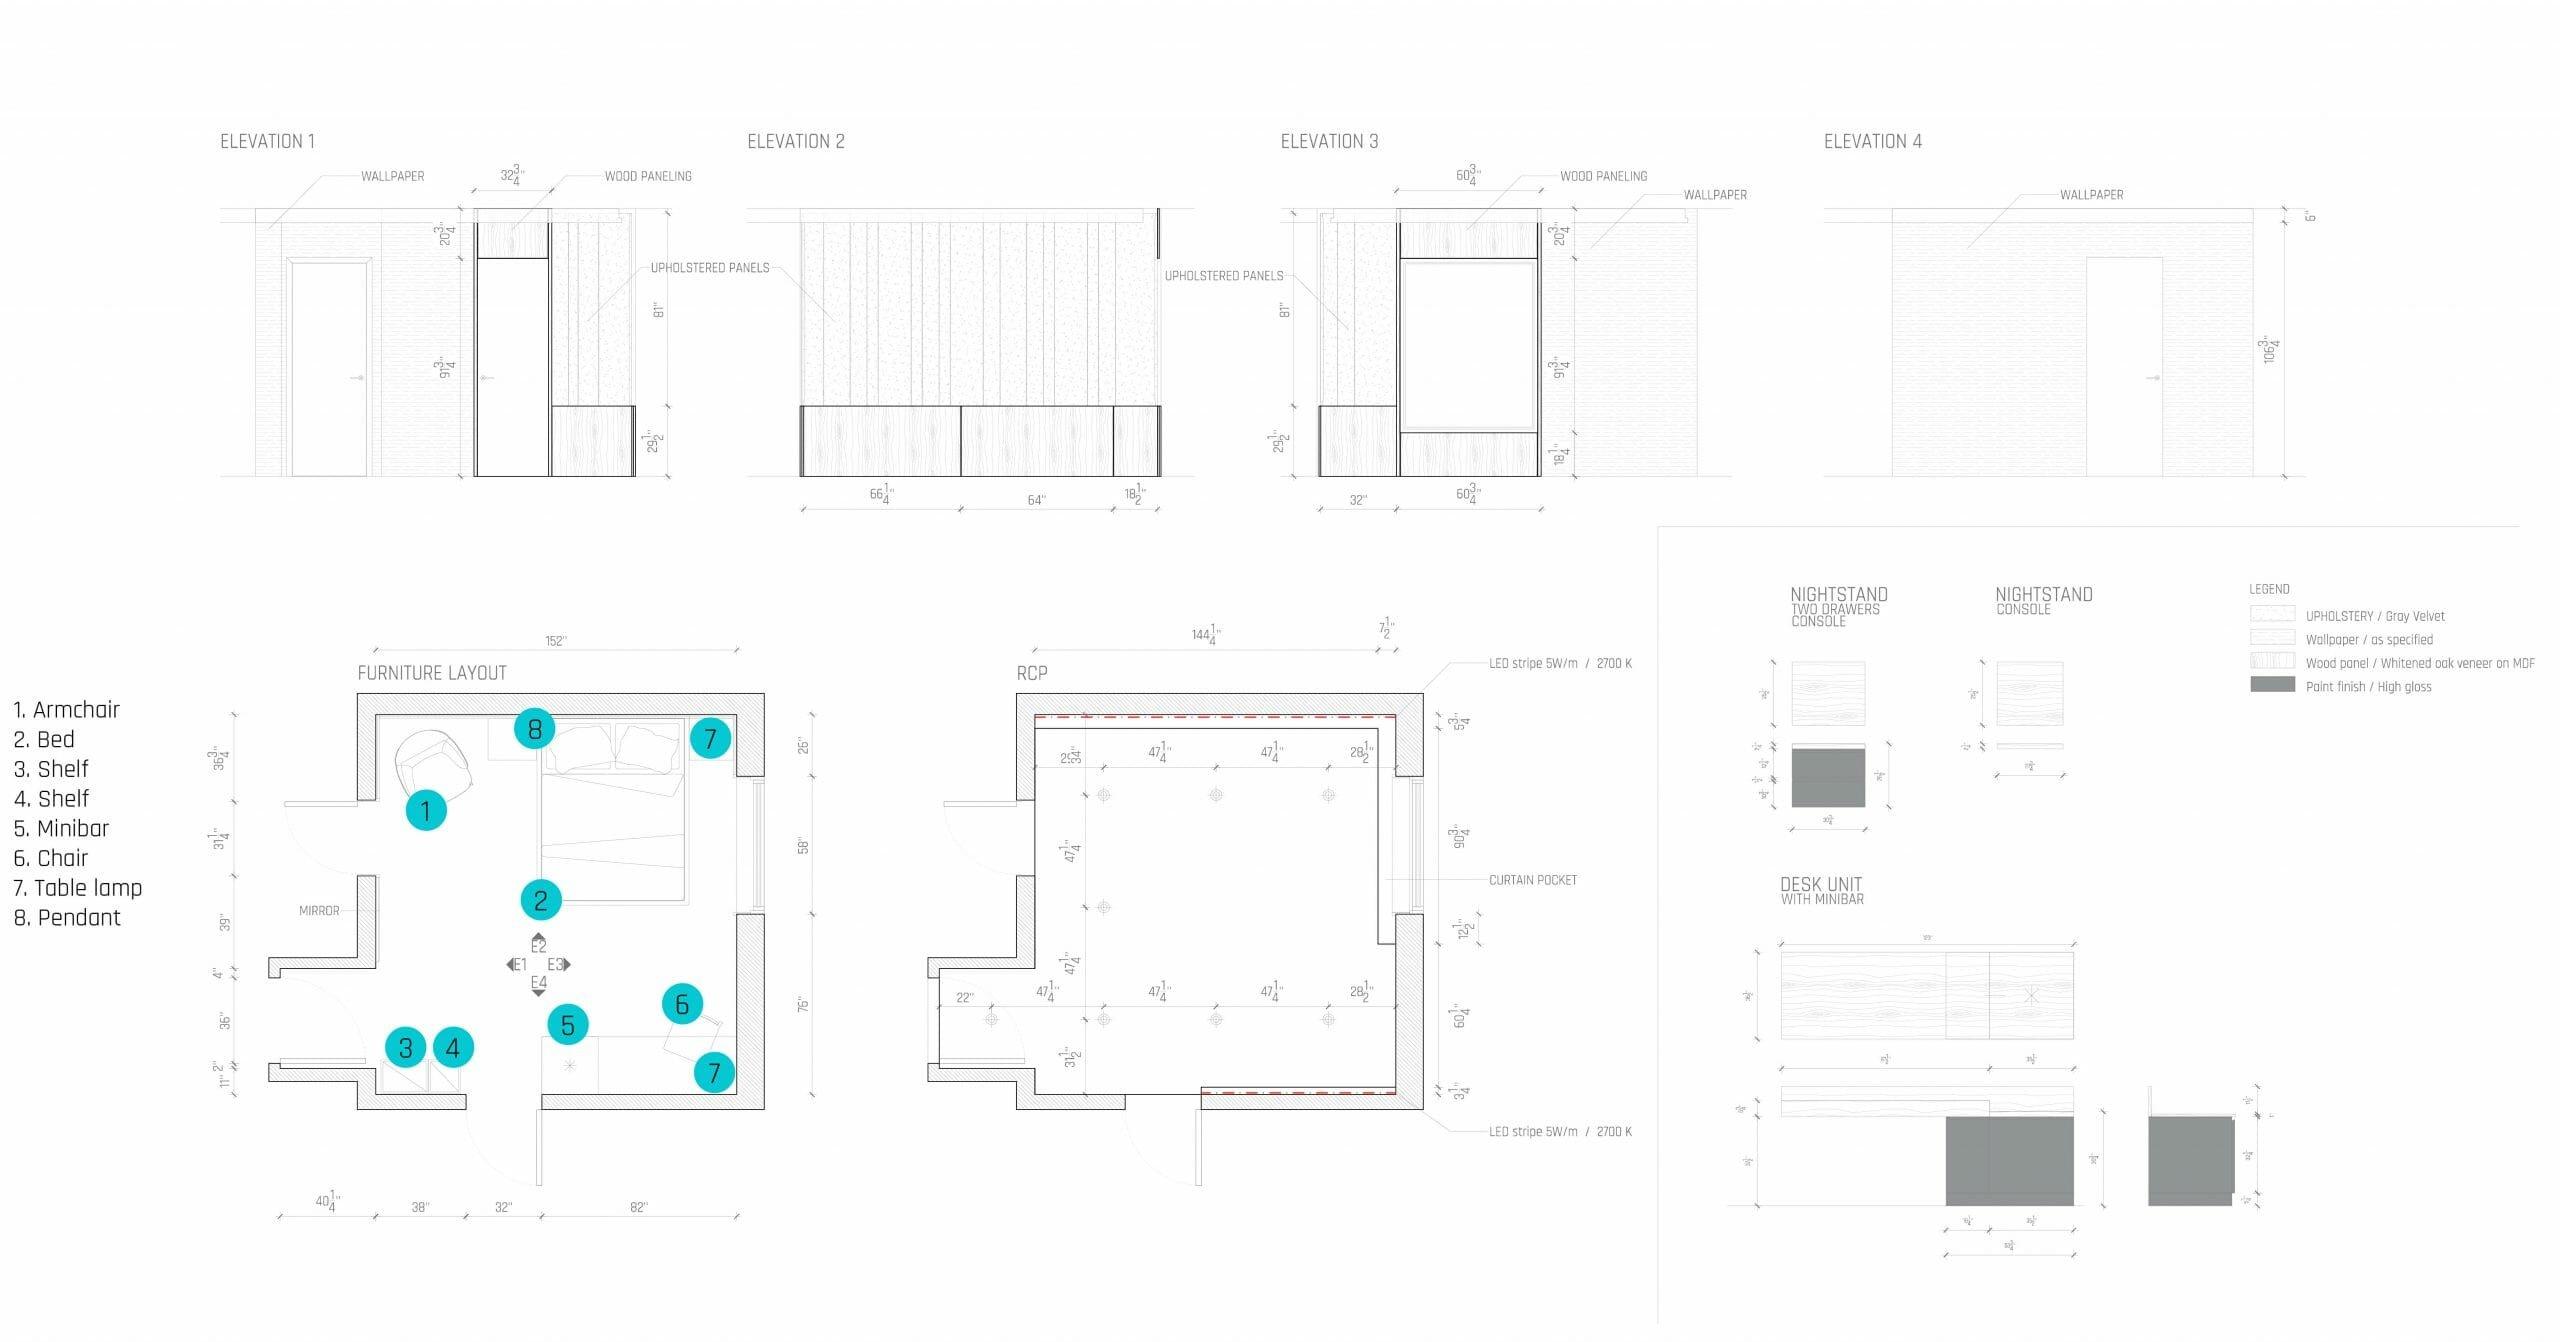 bedroom design online floor plan - decorilla